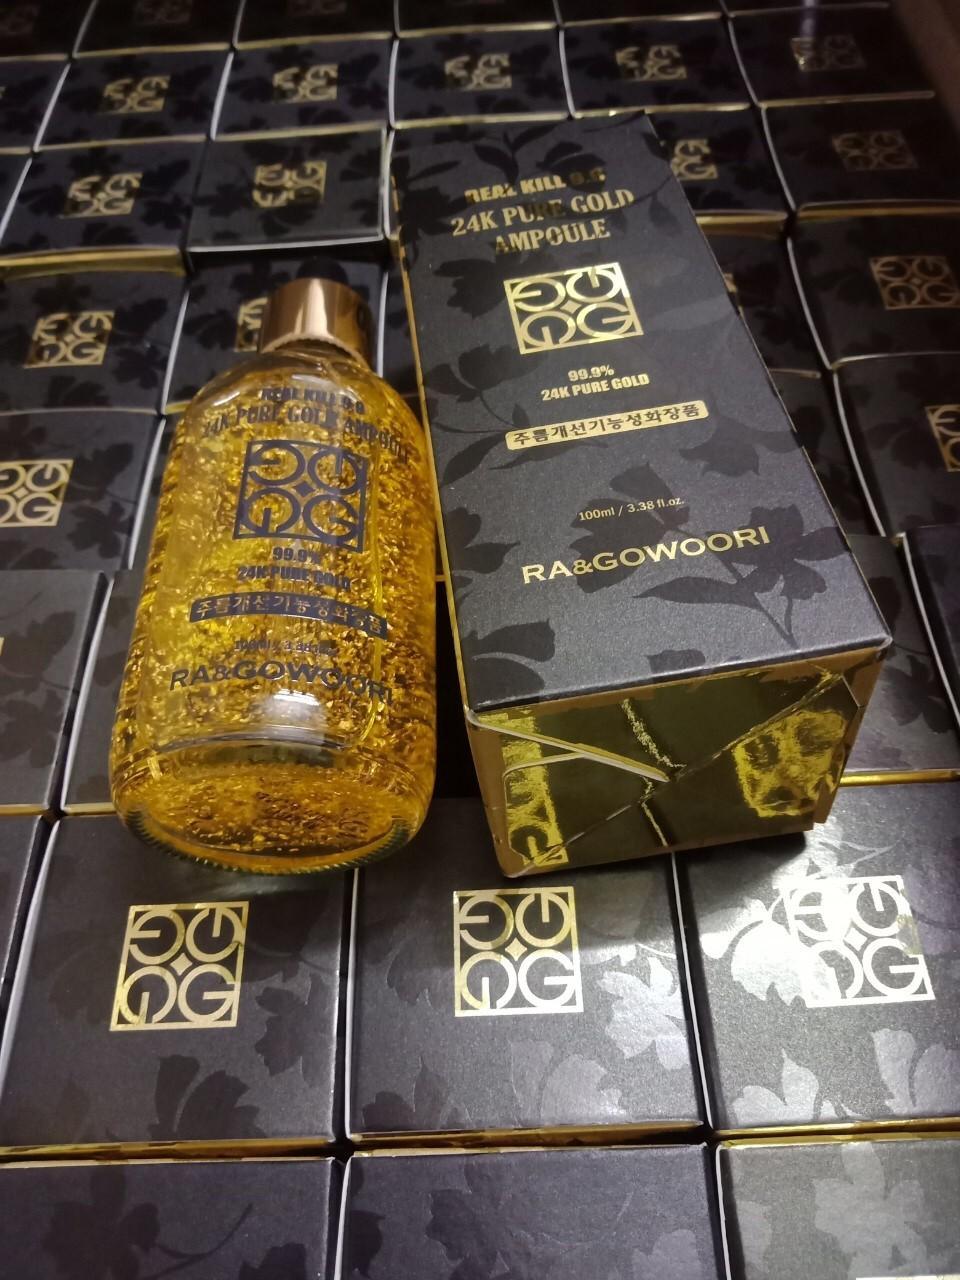 Serum Cao Cấp Tinh Chất Vàng 24k Real Kill 9.9 Ra&Gowoori HÀN QUỐC (100 ml) tốt nhất